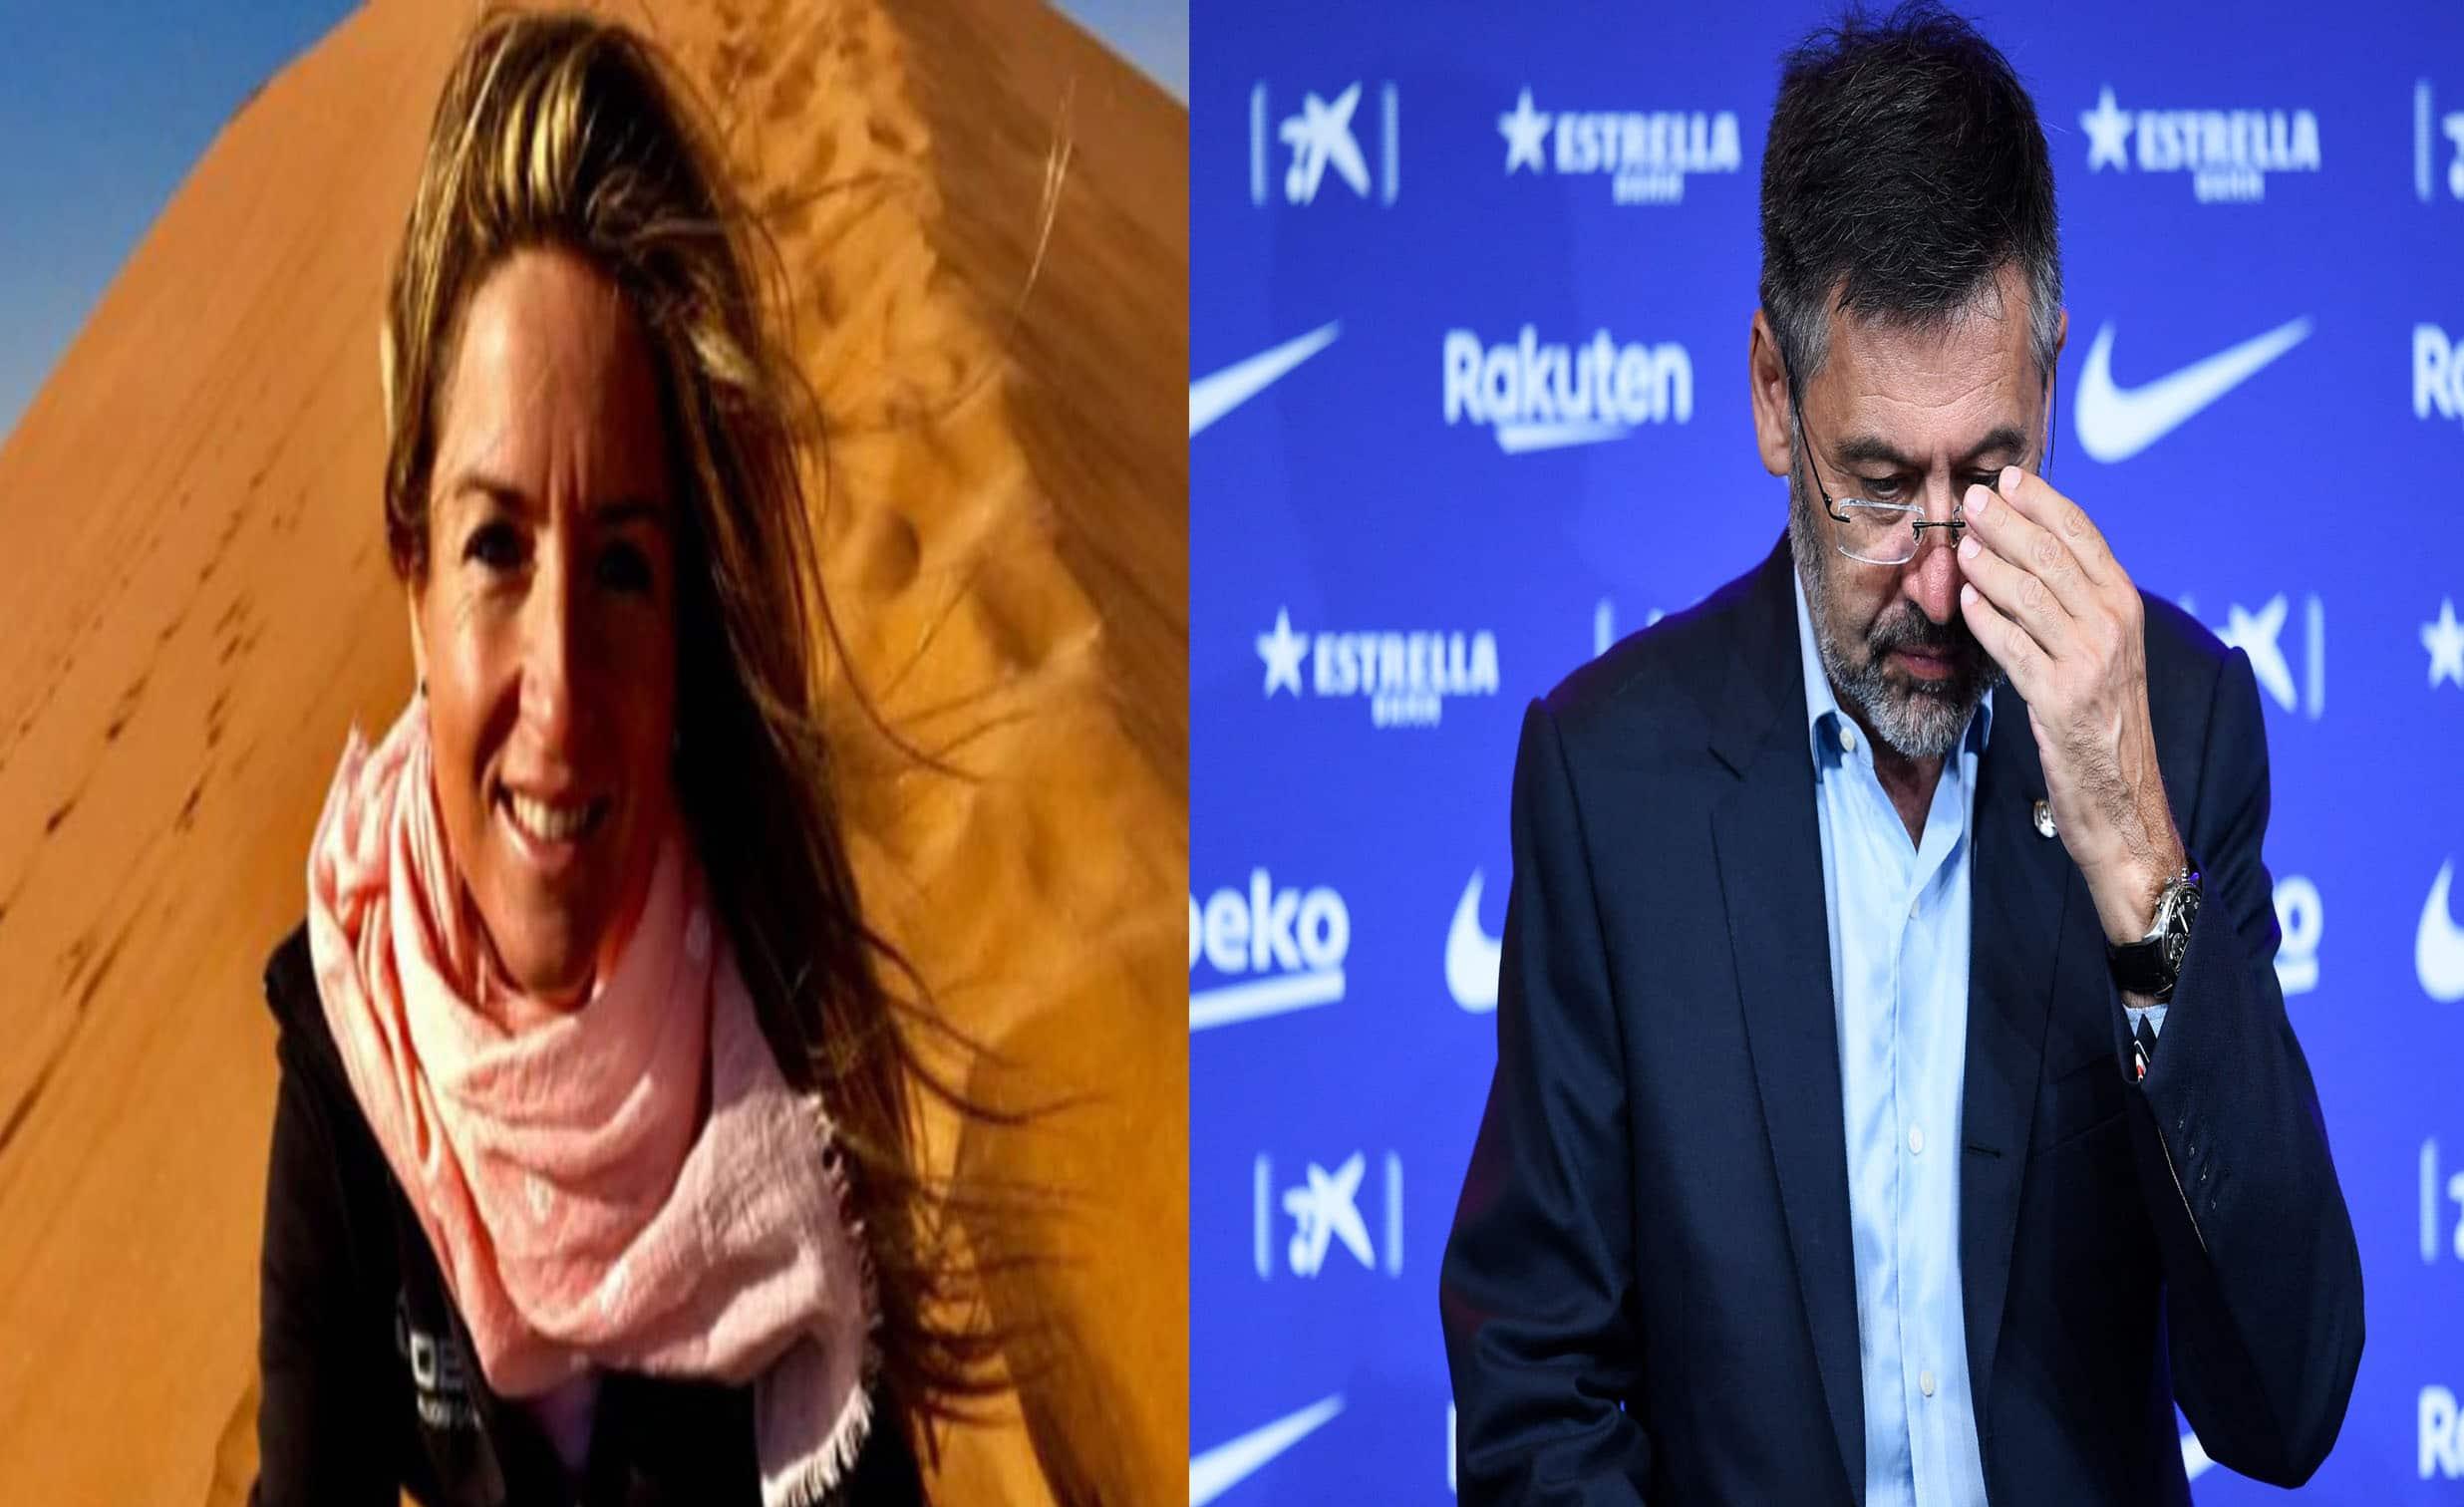 موظفة سابقة في فريق برشلونة طردها بارتوميو لتنتقم منه بإعترافها